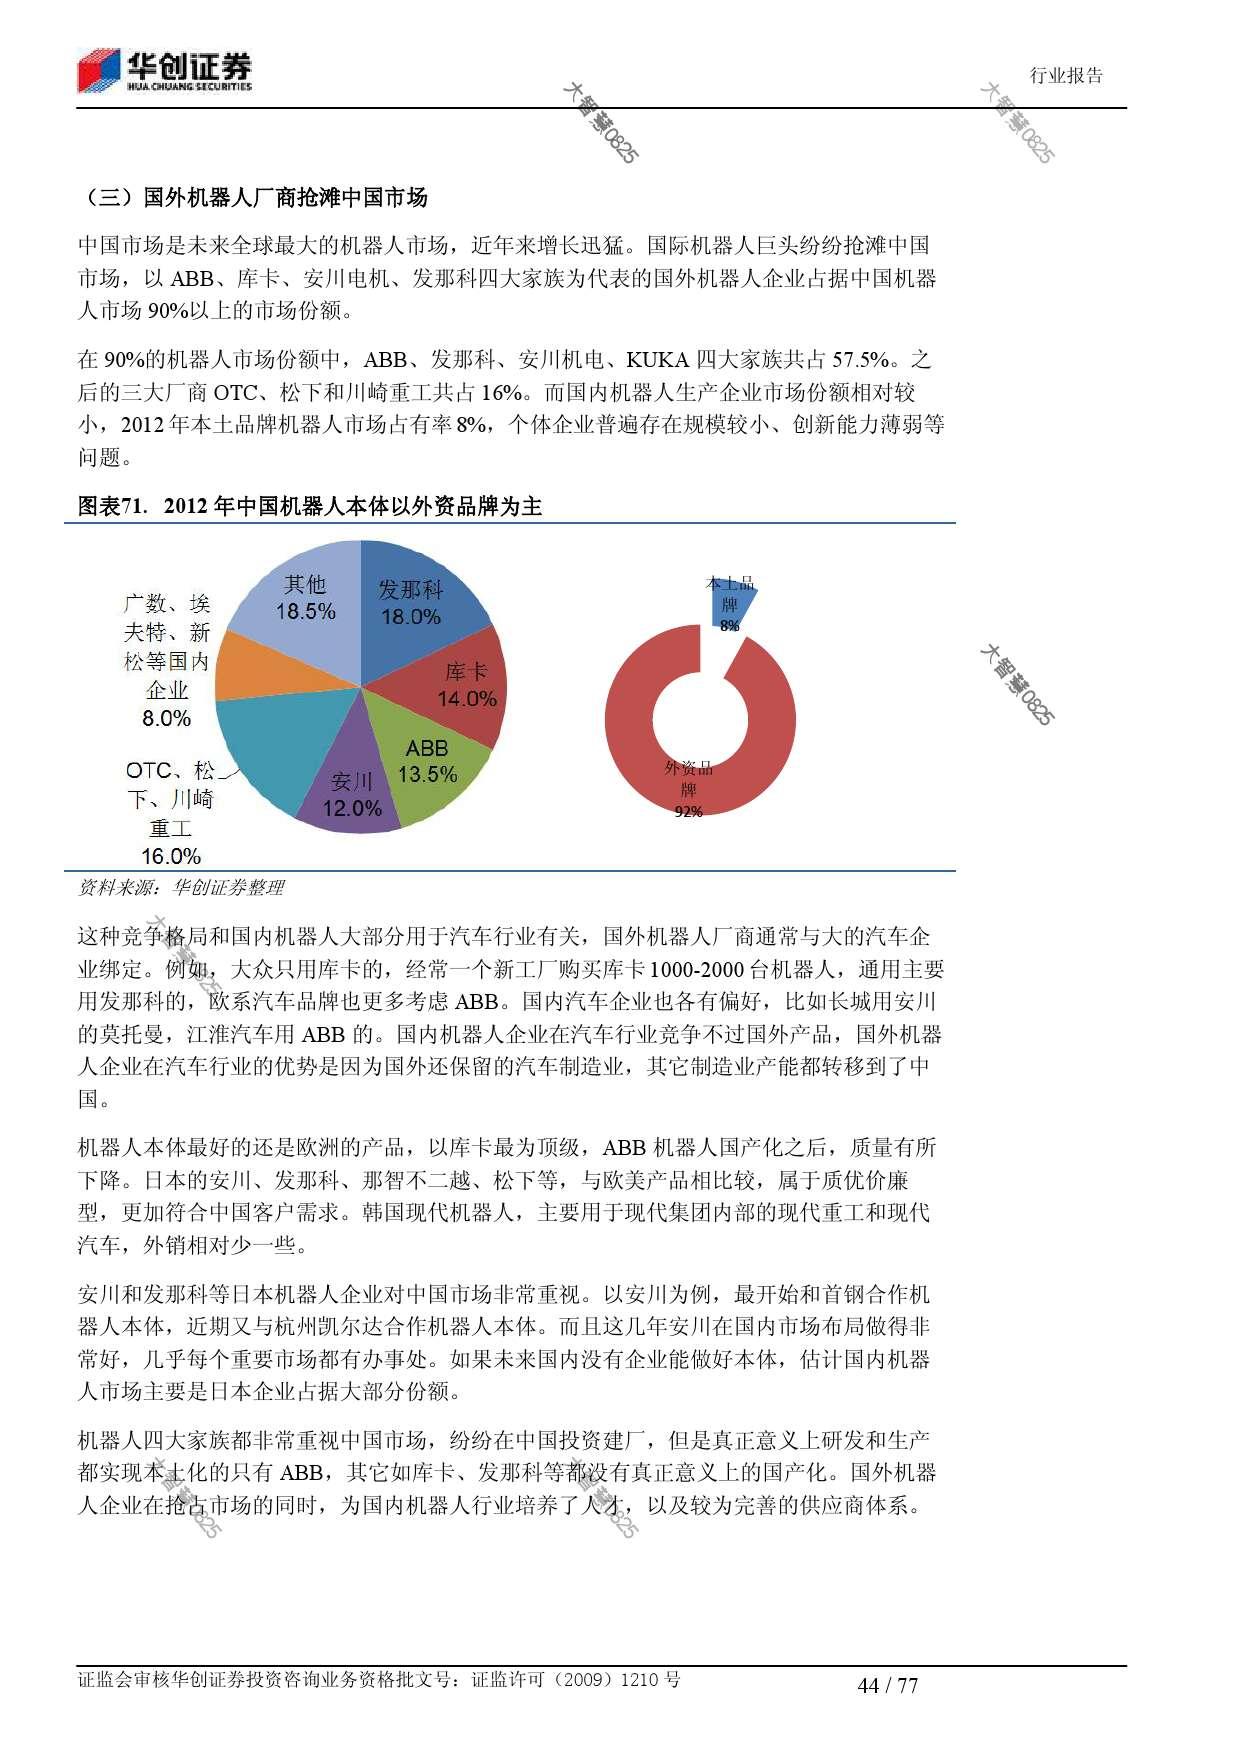 行业研究_华创证券_刘国清,鲁佩_机械设备:机器人大趋势_2014021_000044